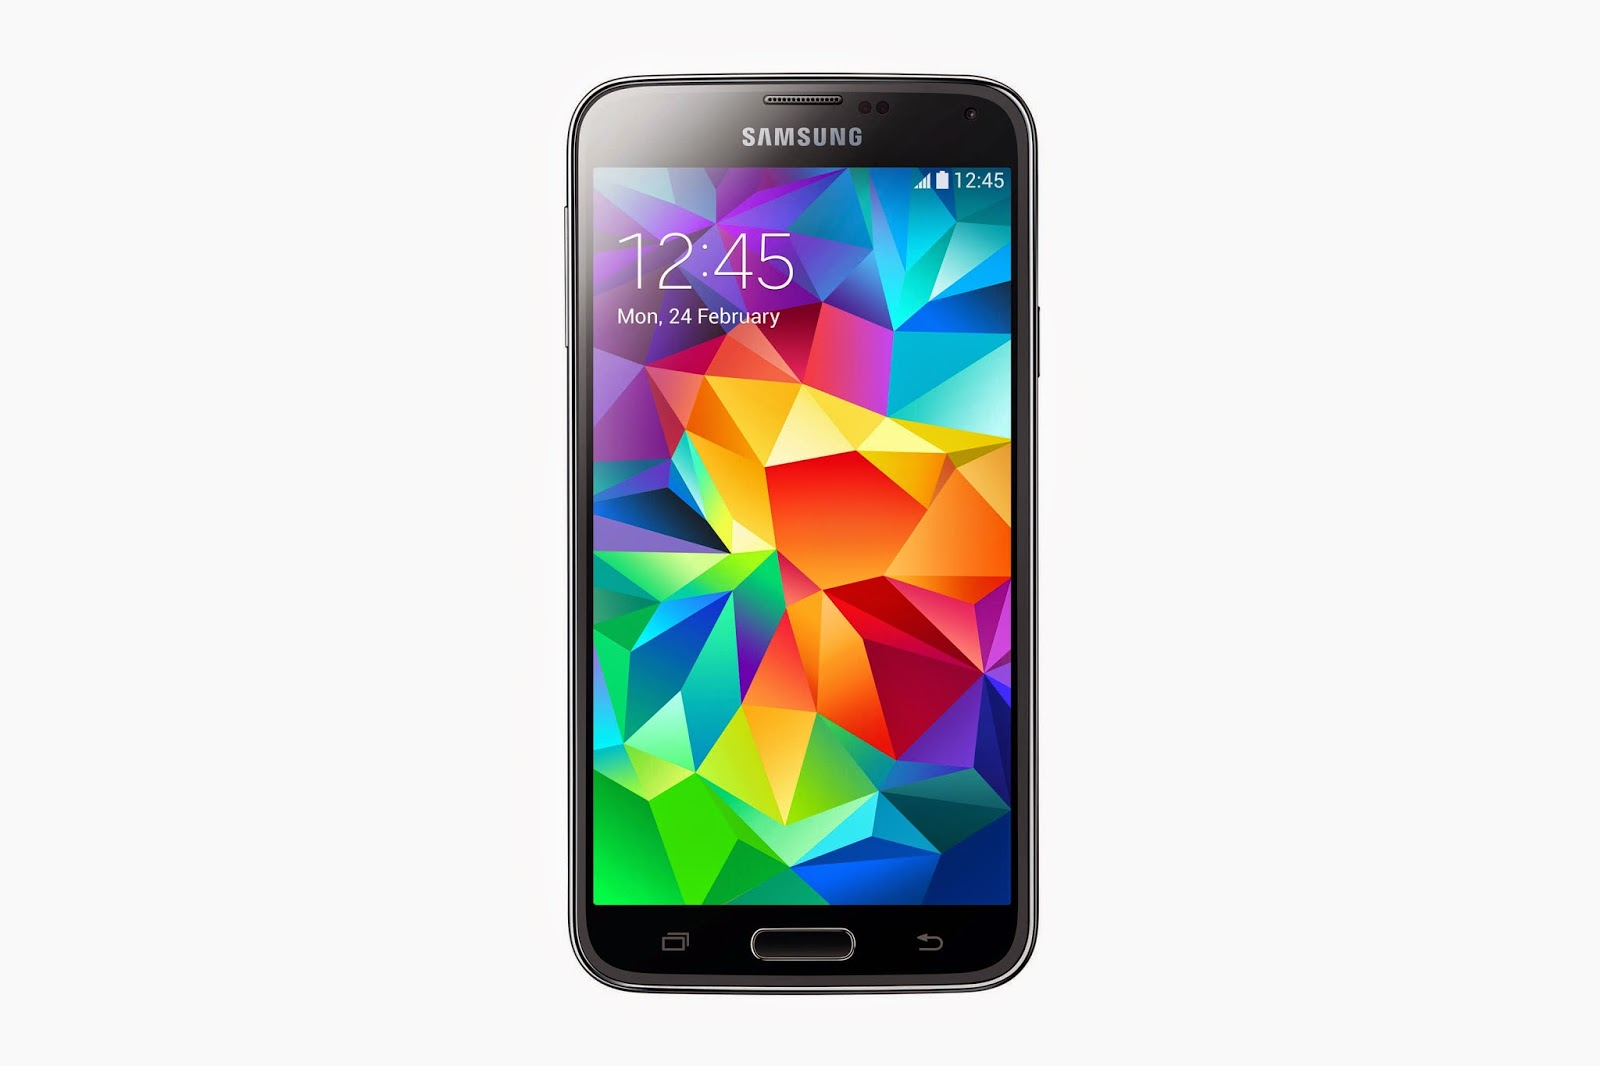 Imagem do Samsung Galaxy S5